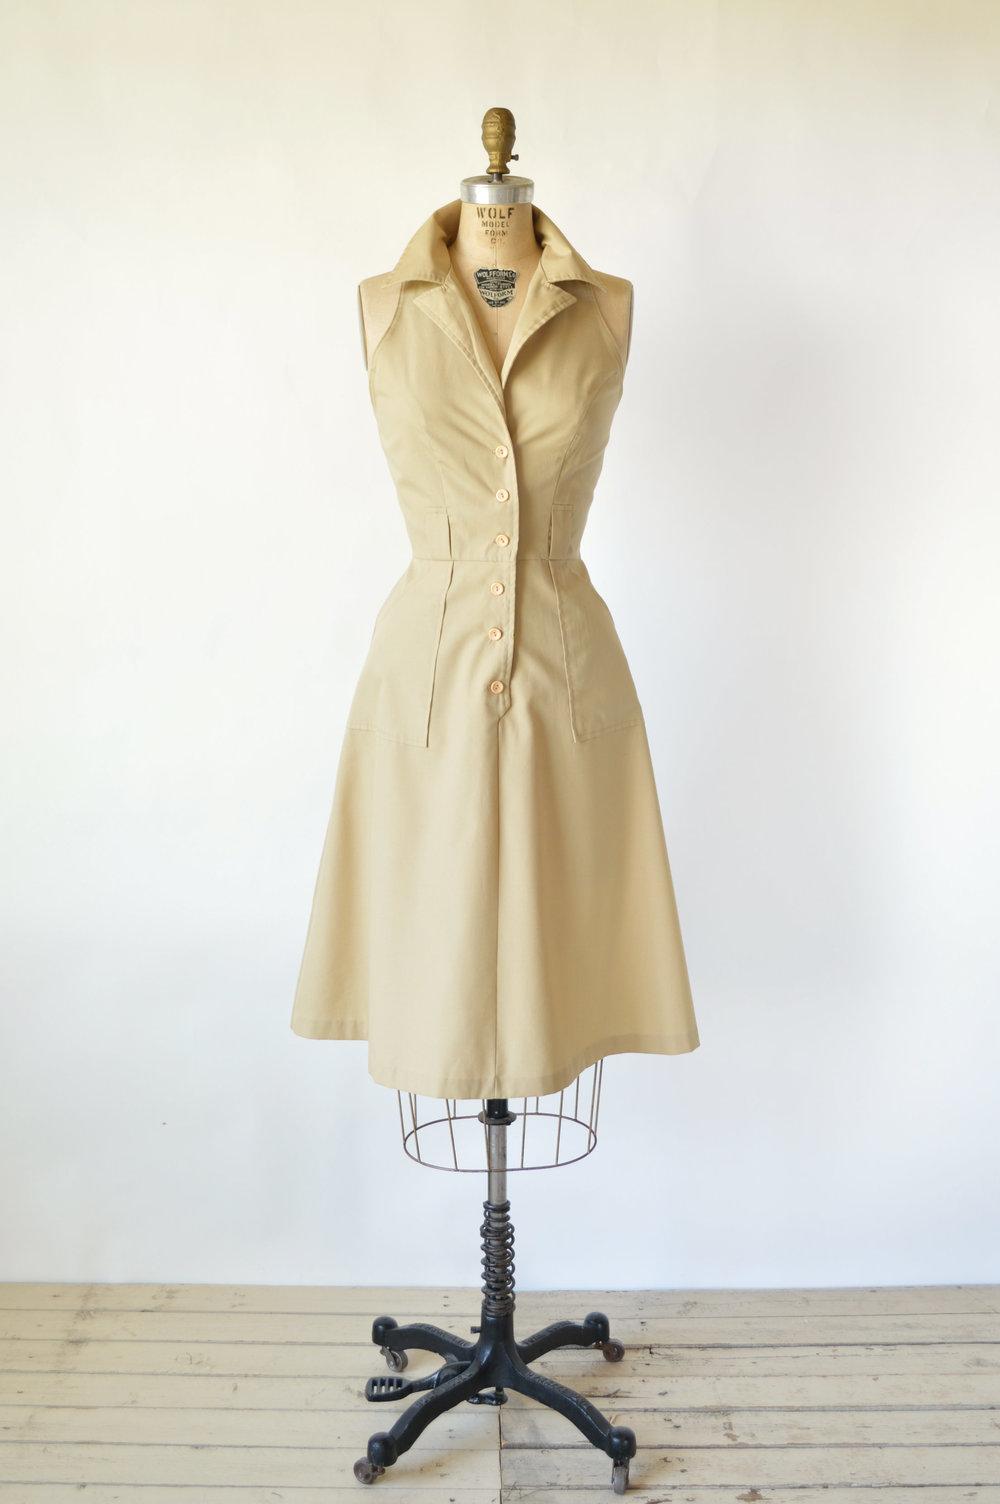 Vintage 1970s Khaki Dress